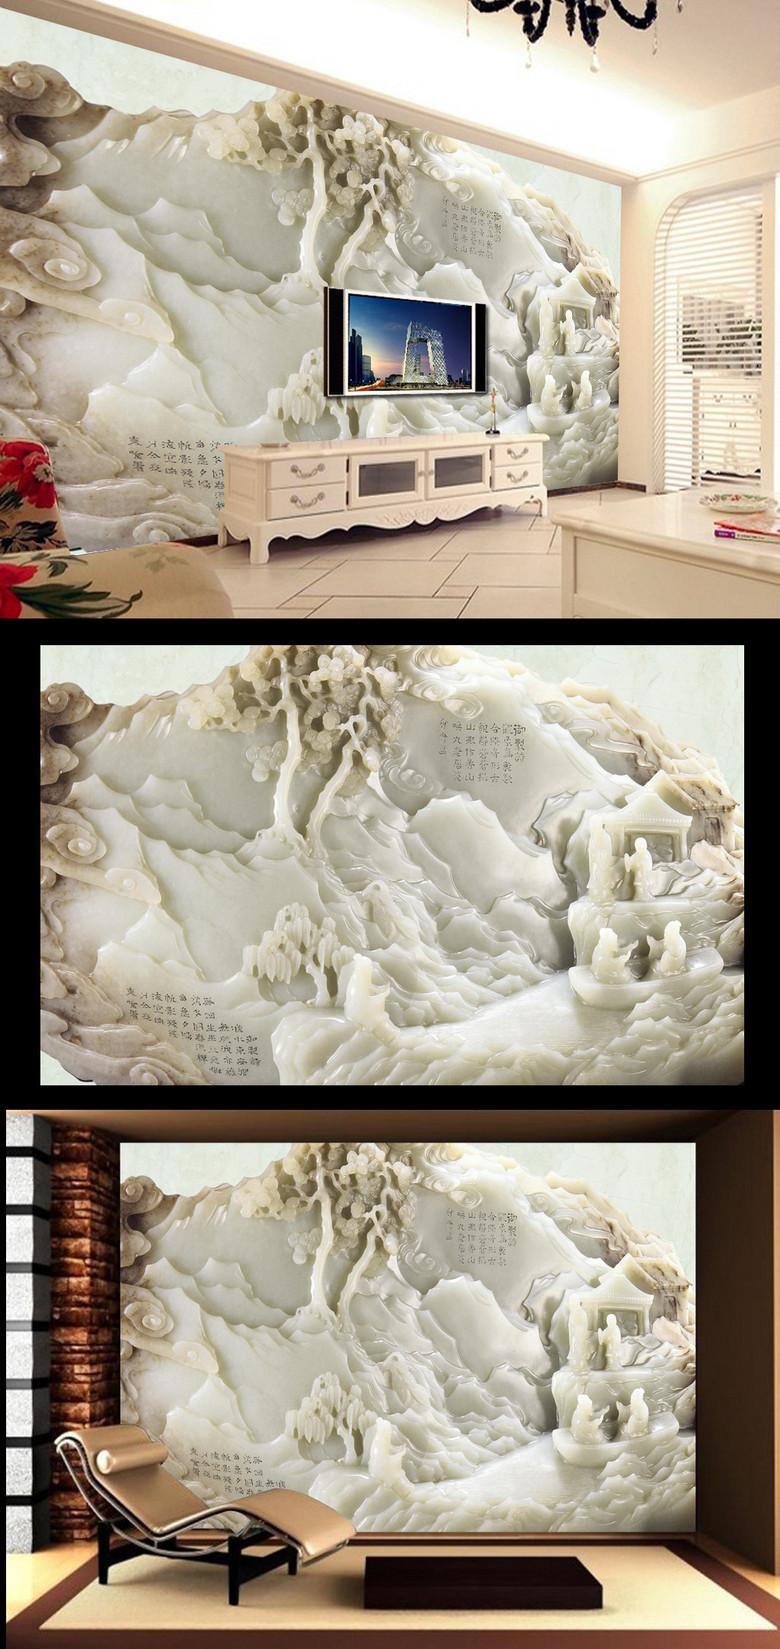 玉石雕刻玉雕山水画壁画电视背景墙效果图 12475169 玉雕电视背景墙